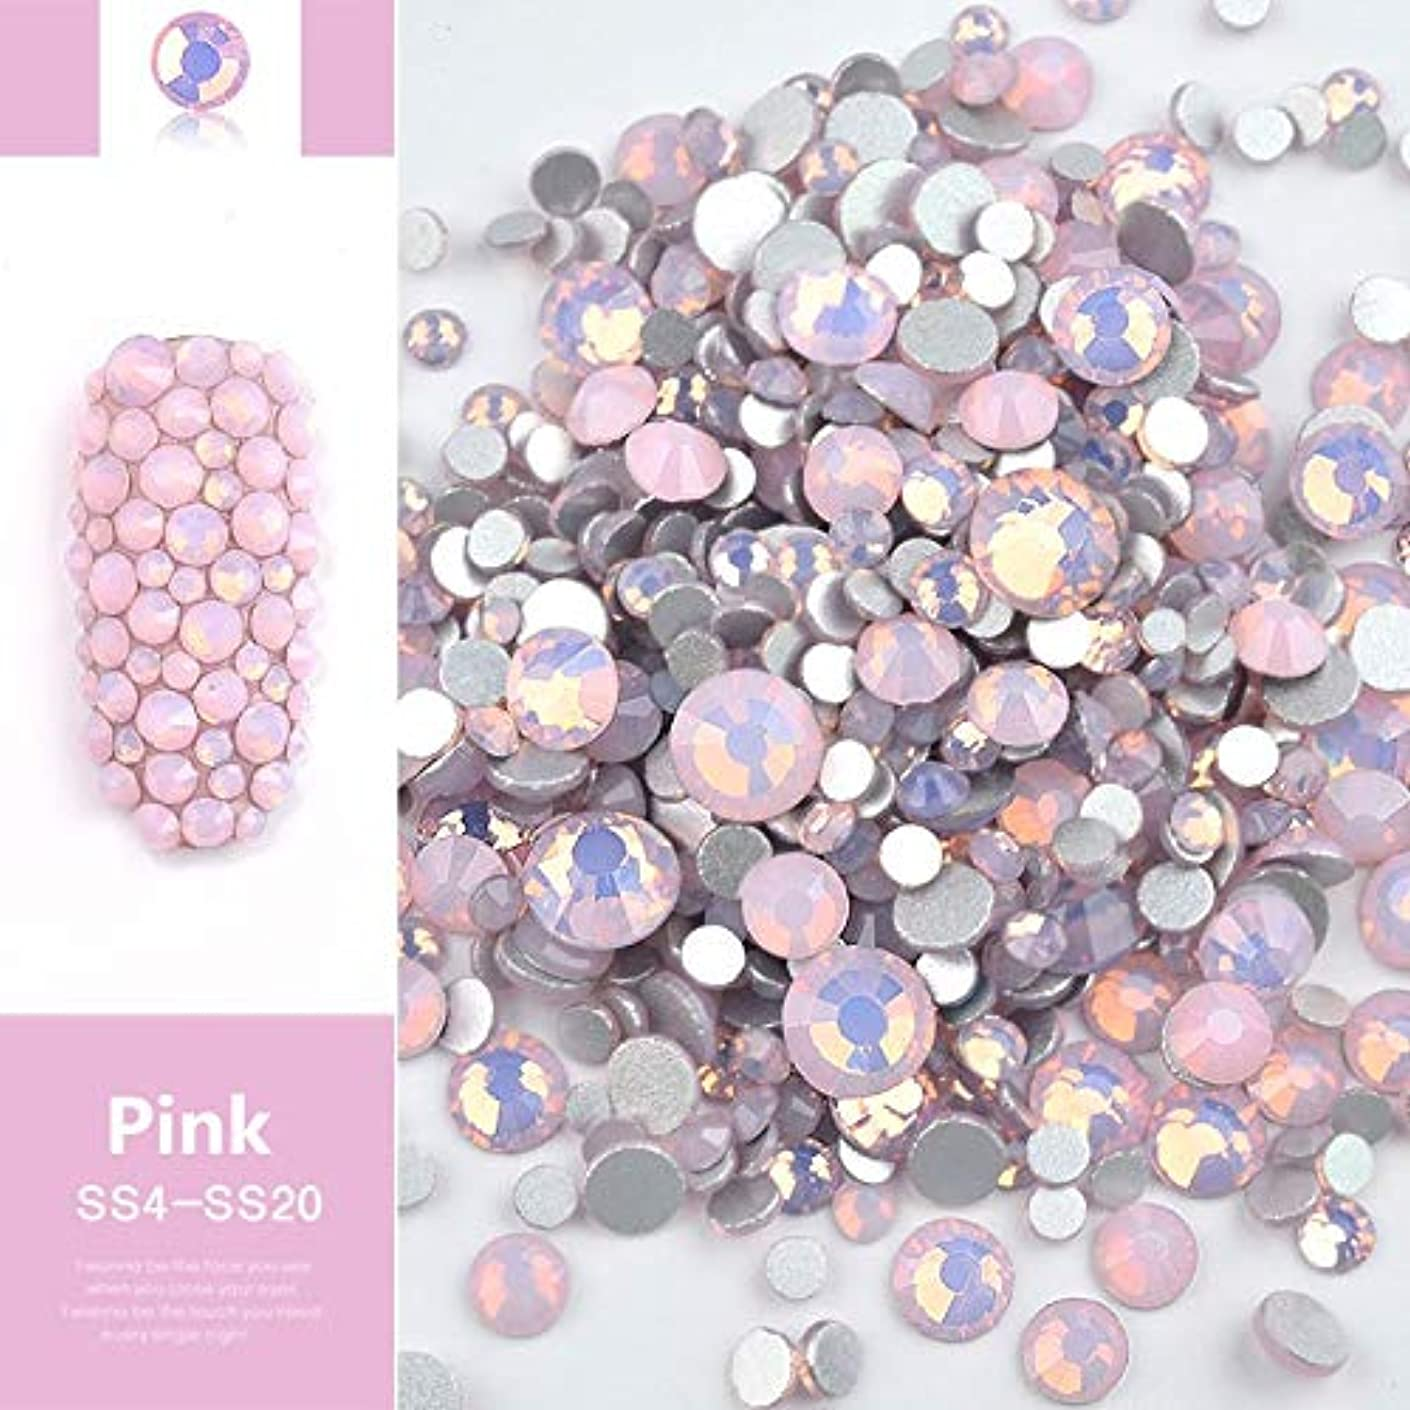 友だちコード水ALEXBIAN ビーズ樹脂クリスタルラウンドネイルアートミックスフラットバックアクリルラインストーンミックスサイズ1.5-4.5 mm装飾用ネイル (Color : Pink)